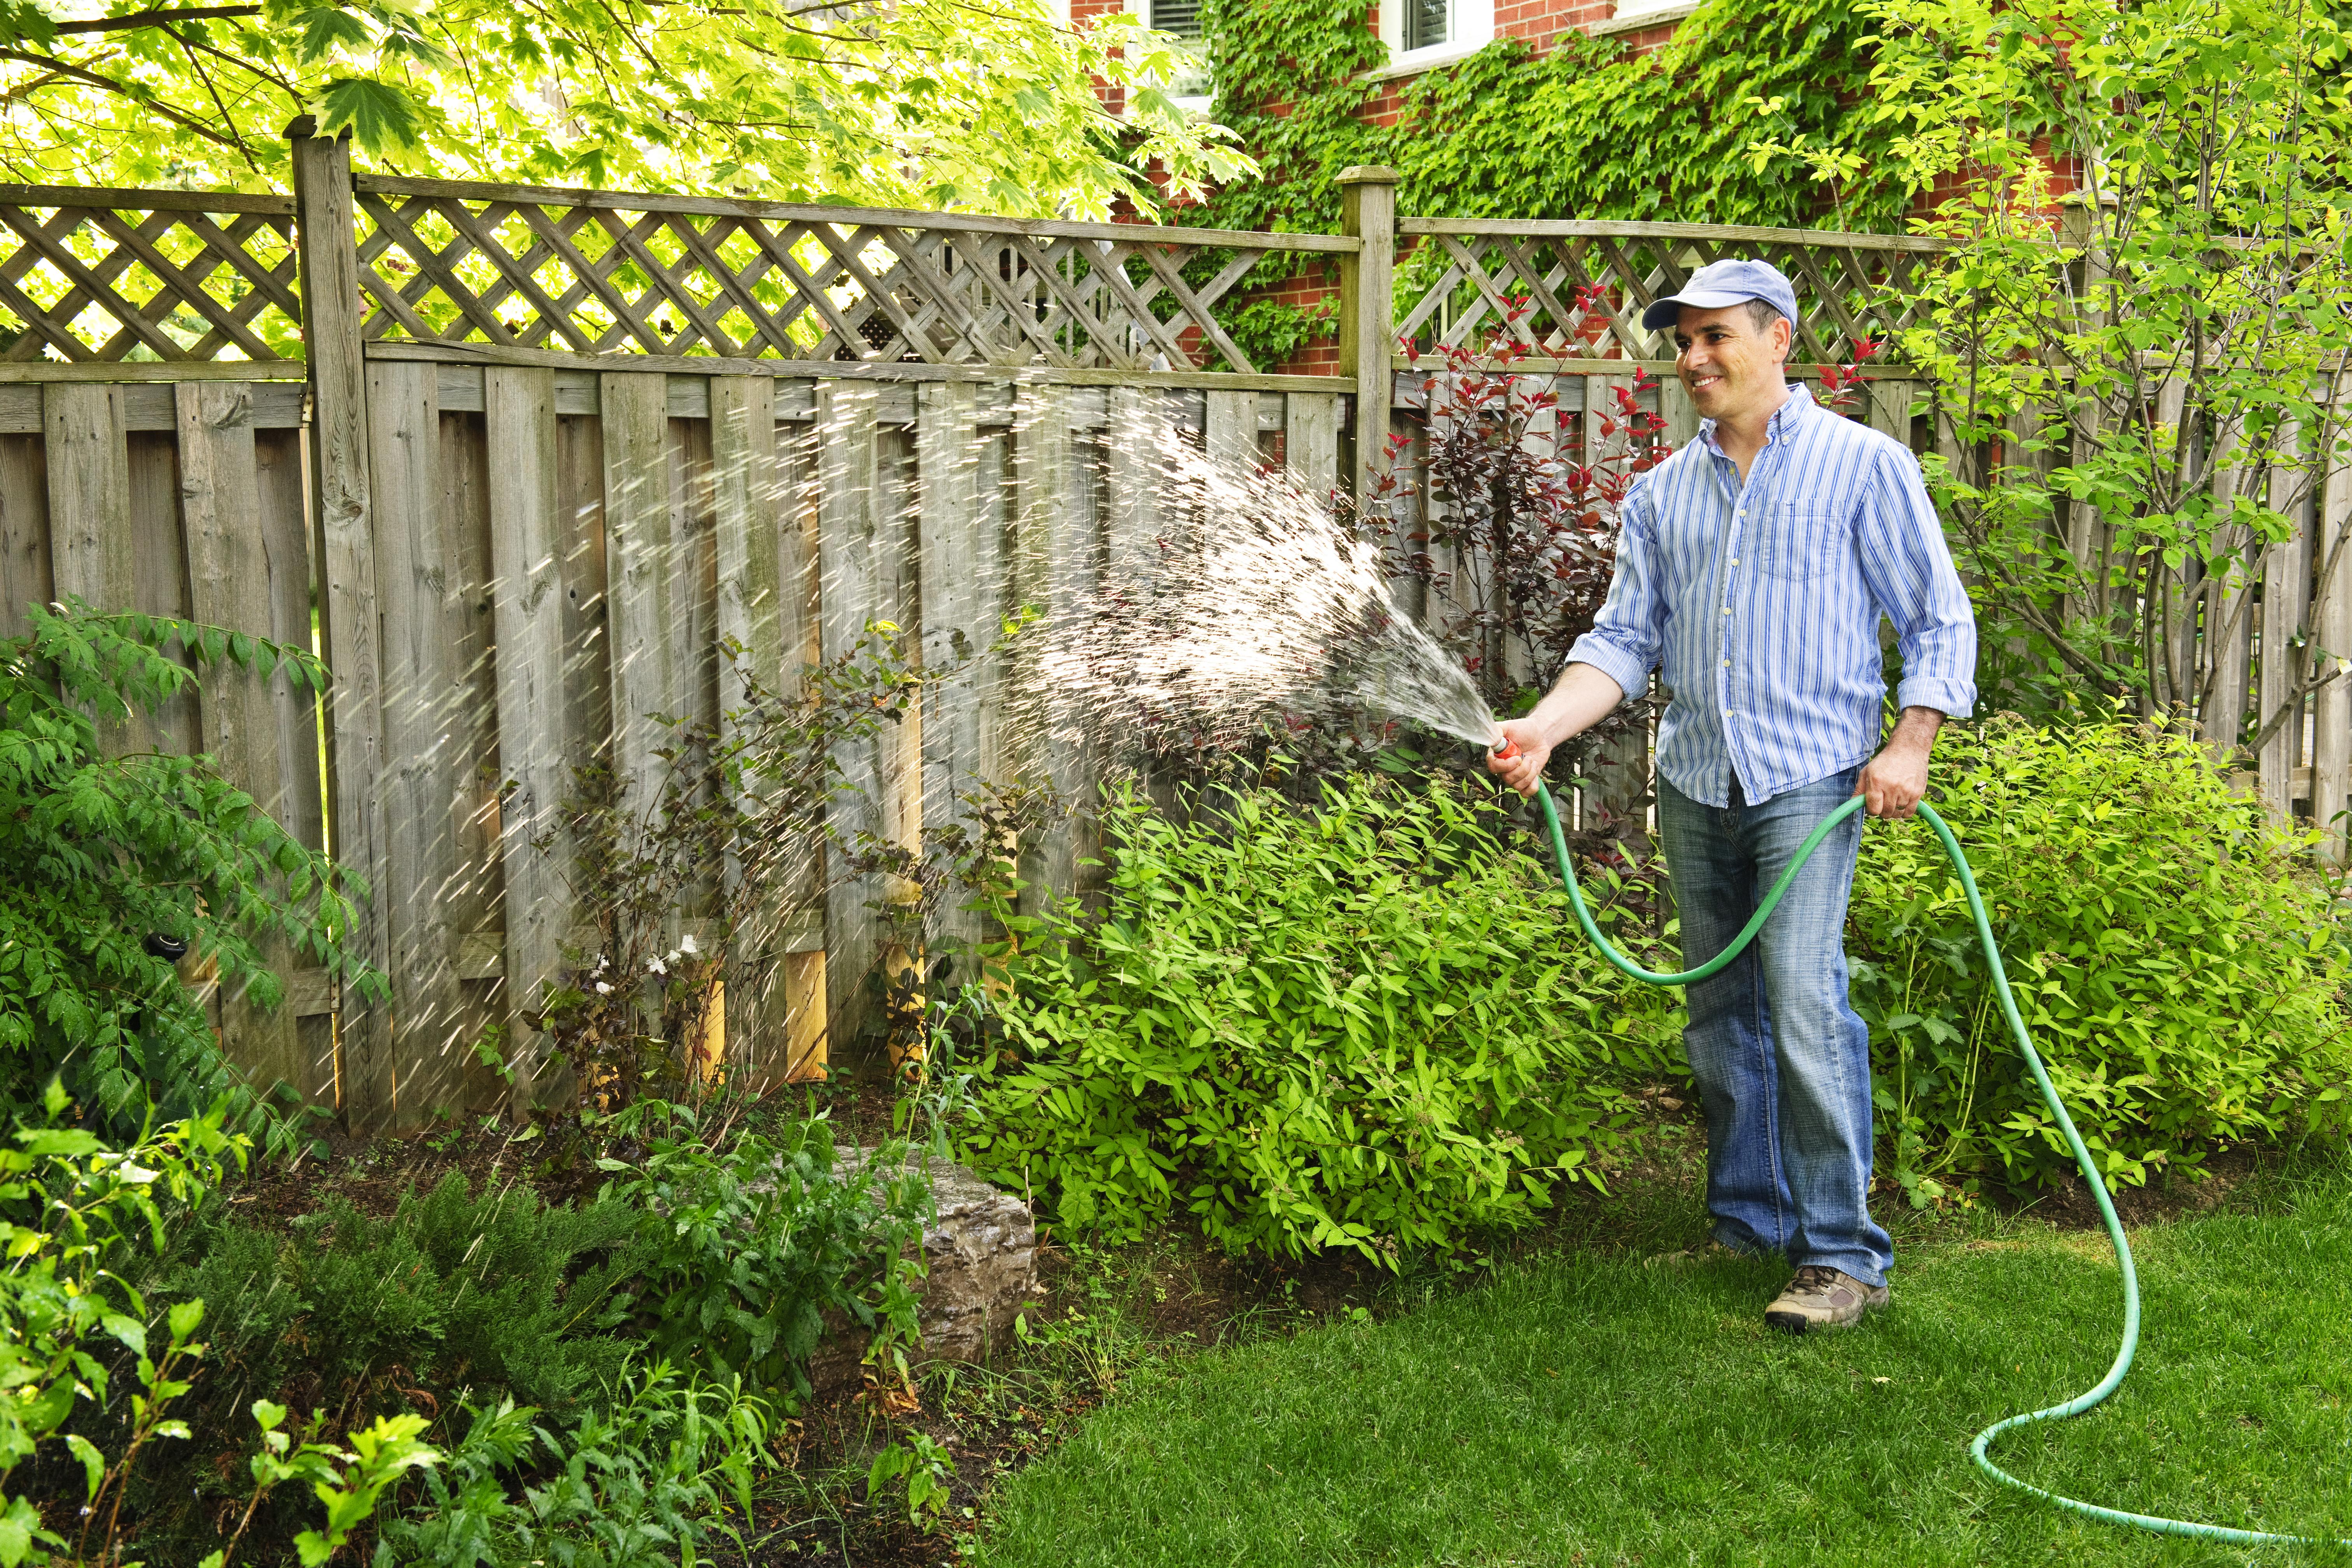 В сентябре проводят влагозарядковый полив для всех деревьев и кустарников